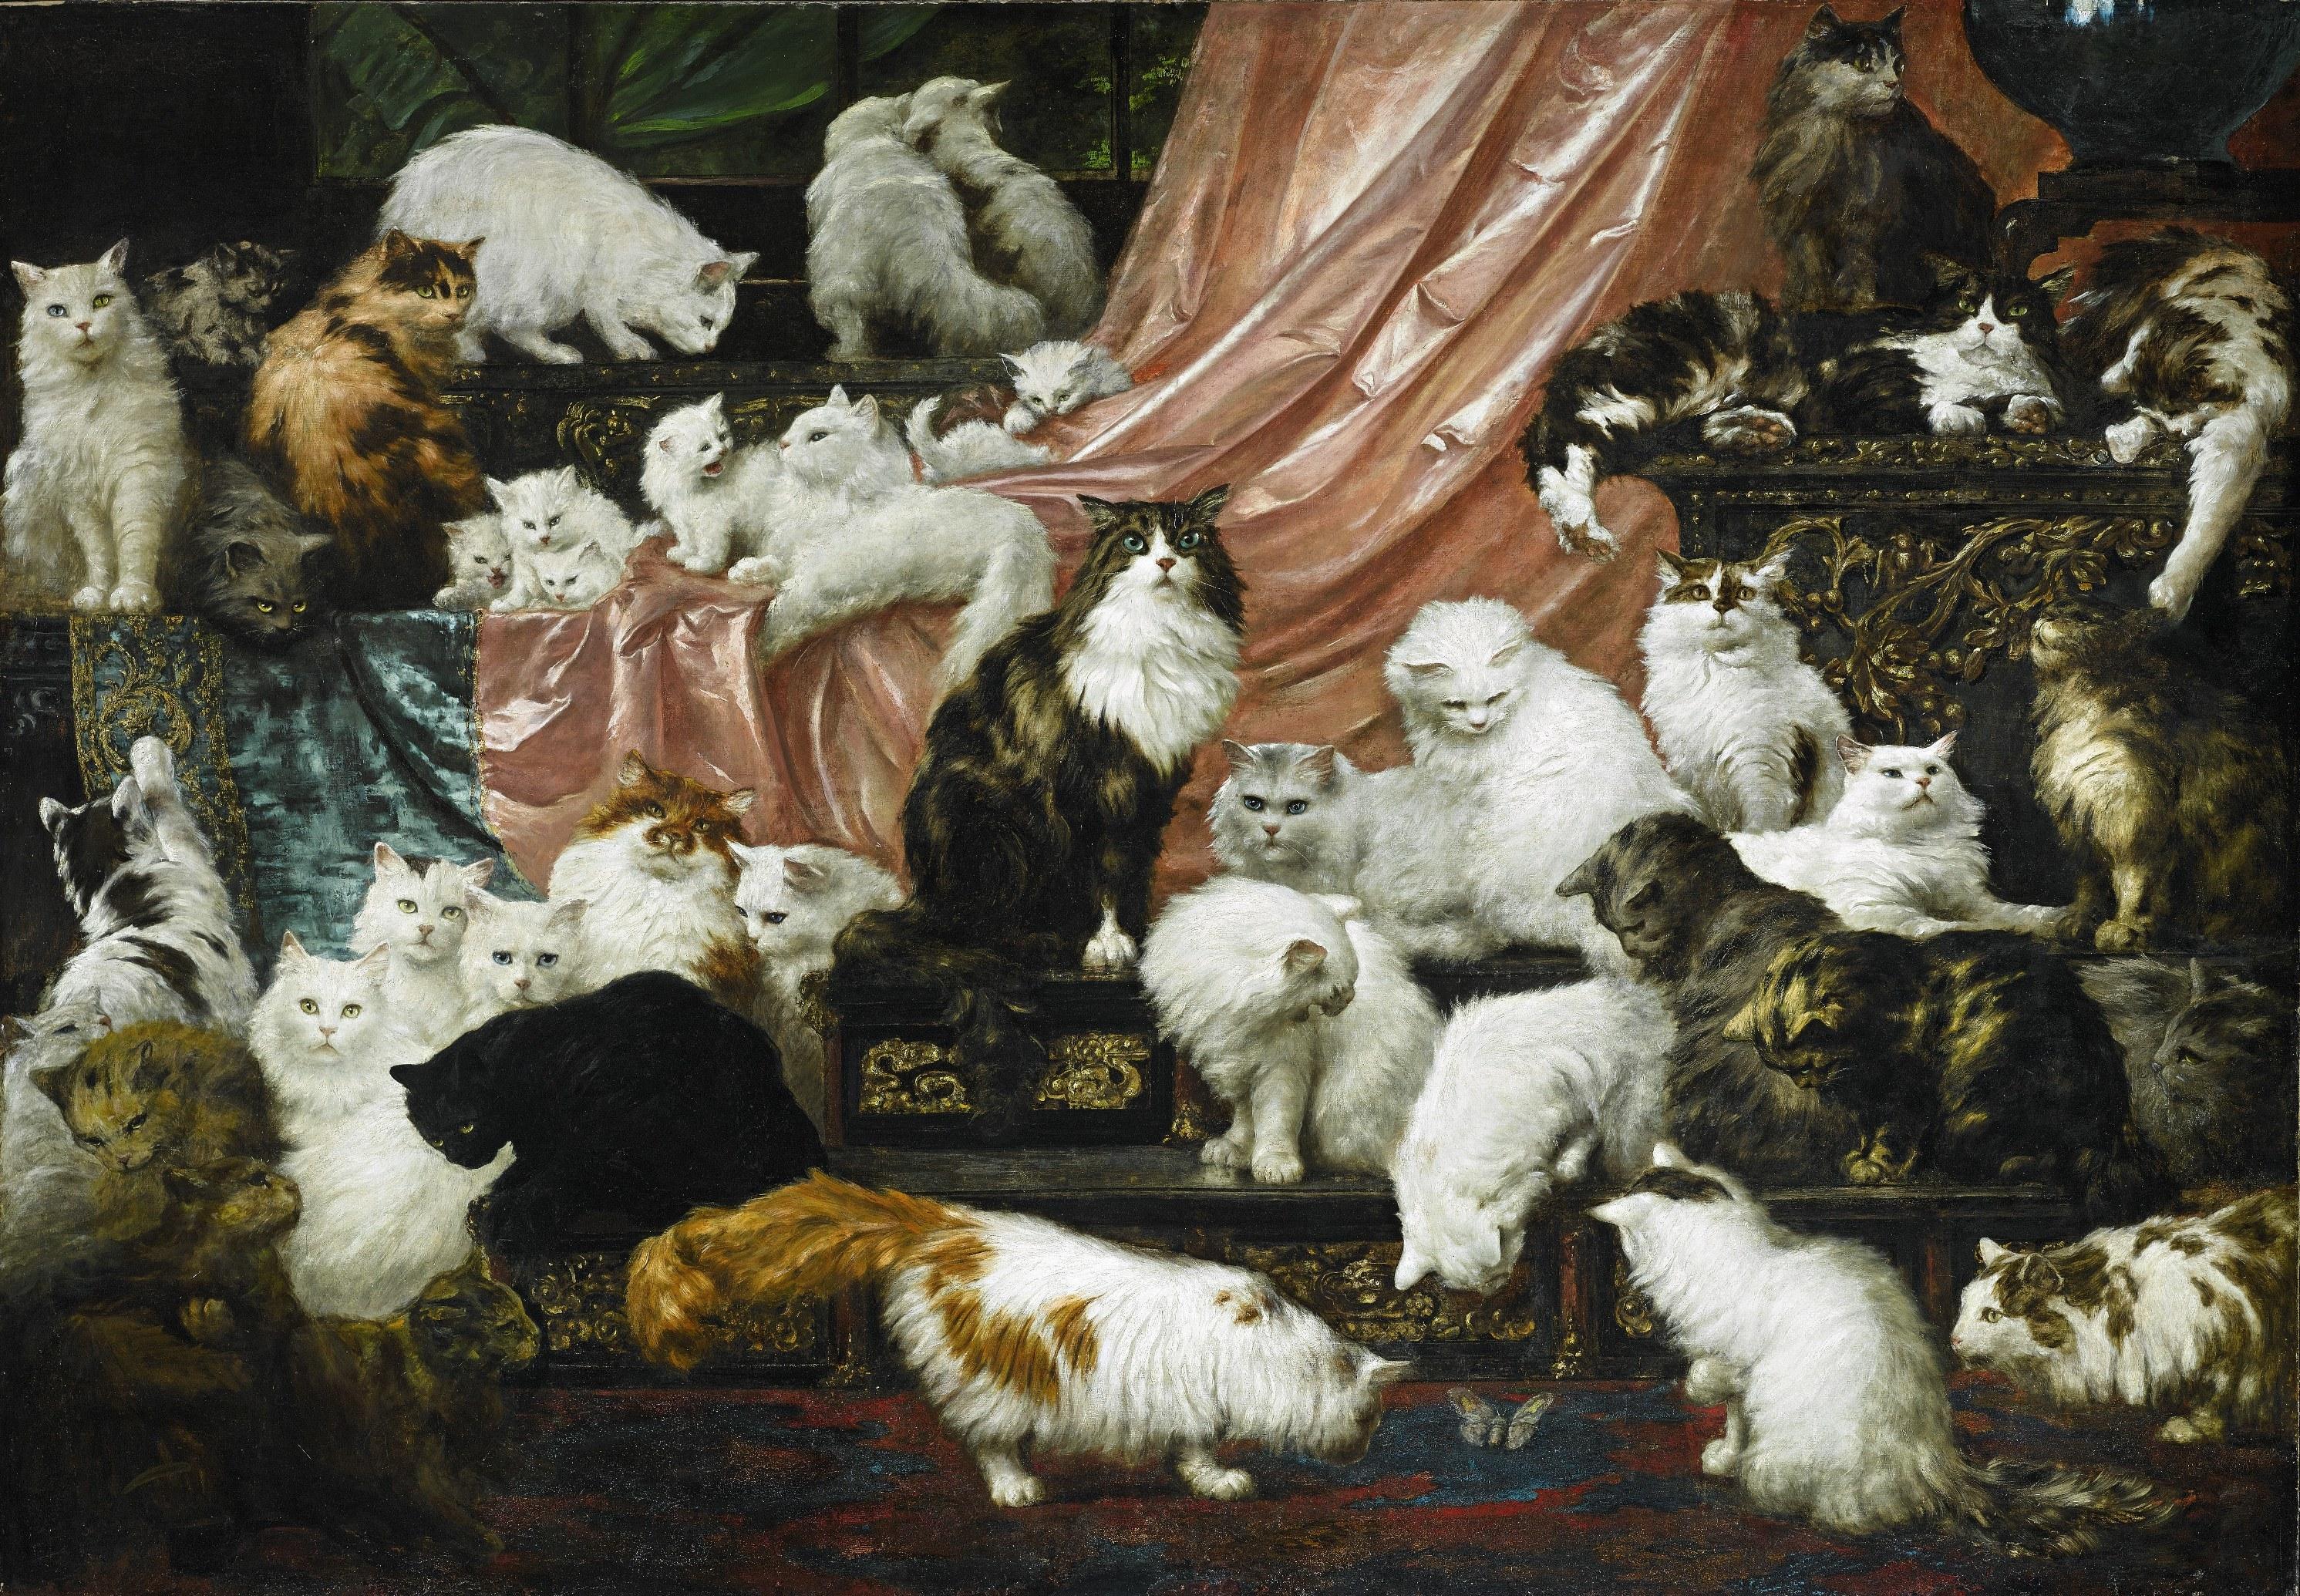 Carl Kahler macskás festménye. Középen a ház úrnőjének kedvence, Sultan, a perzsamacska (forrás: Wikipedia)